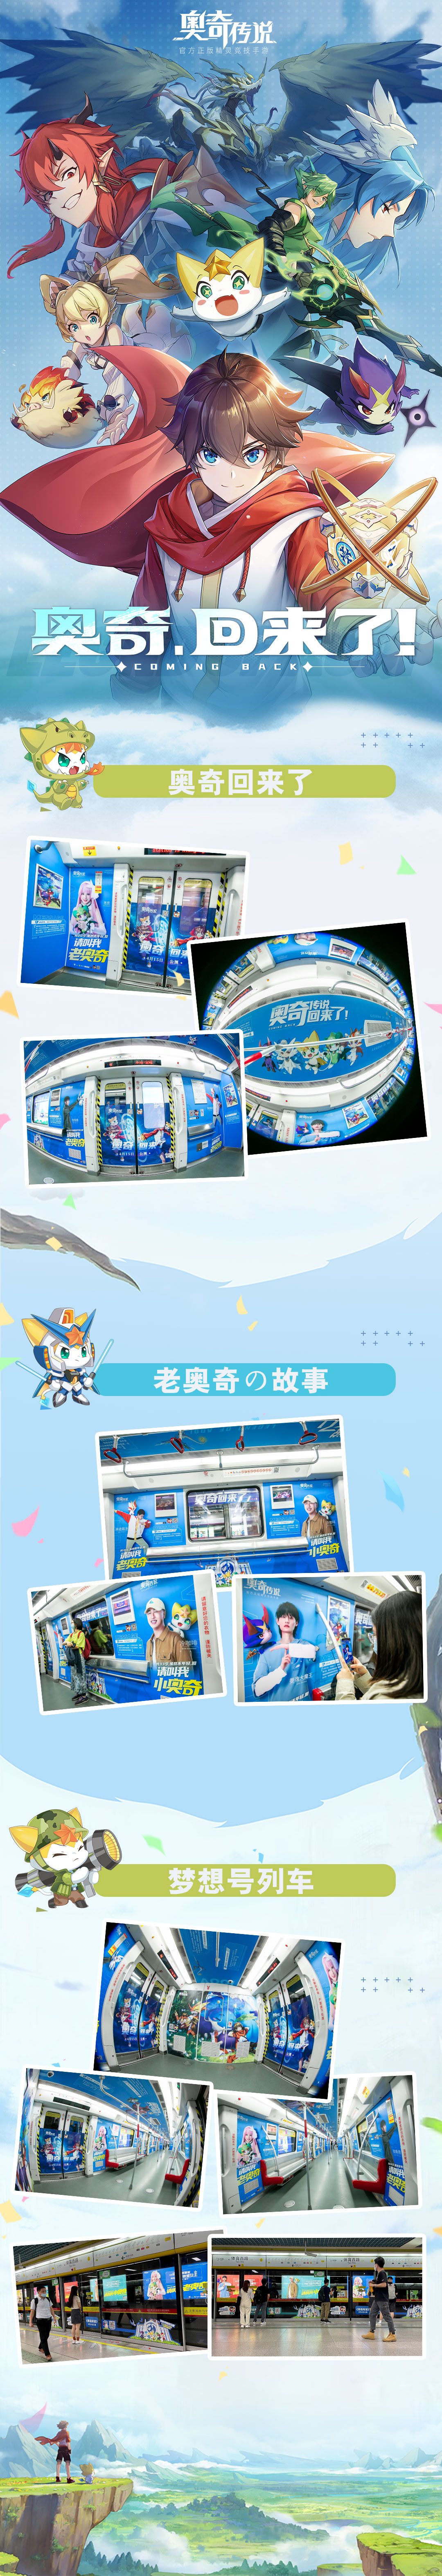 【奥奇回来了】广州地铁6号线,老奥奇们回来了!